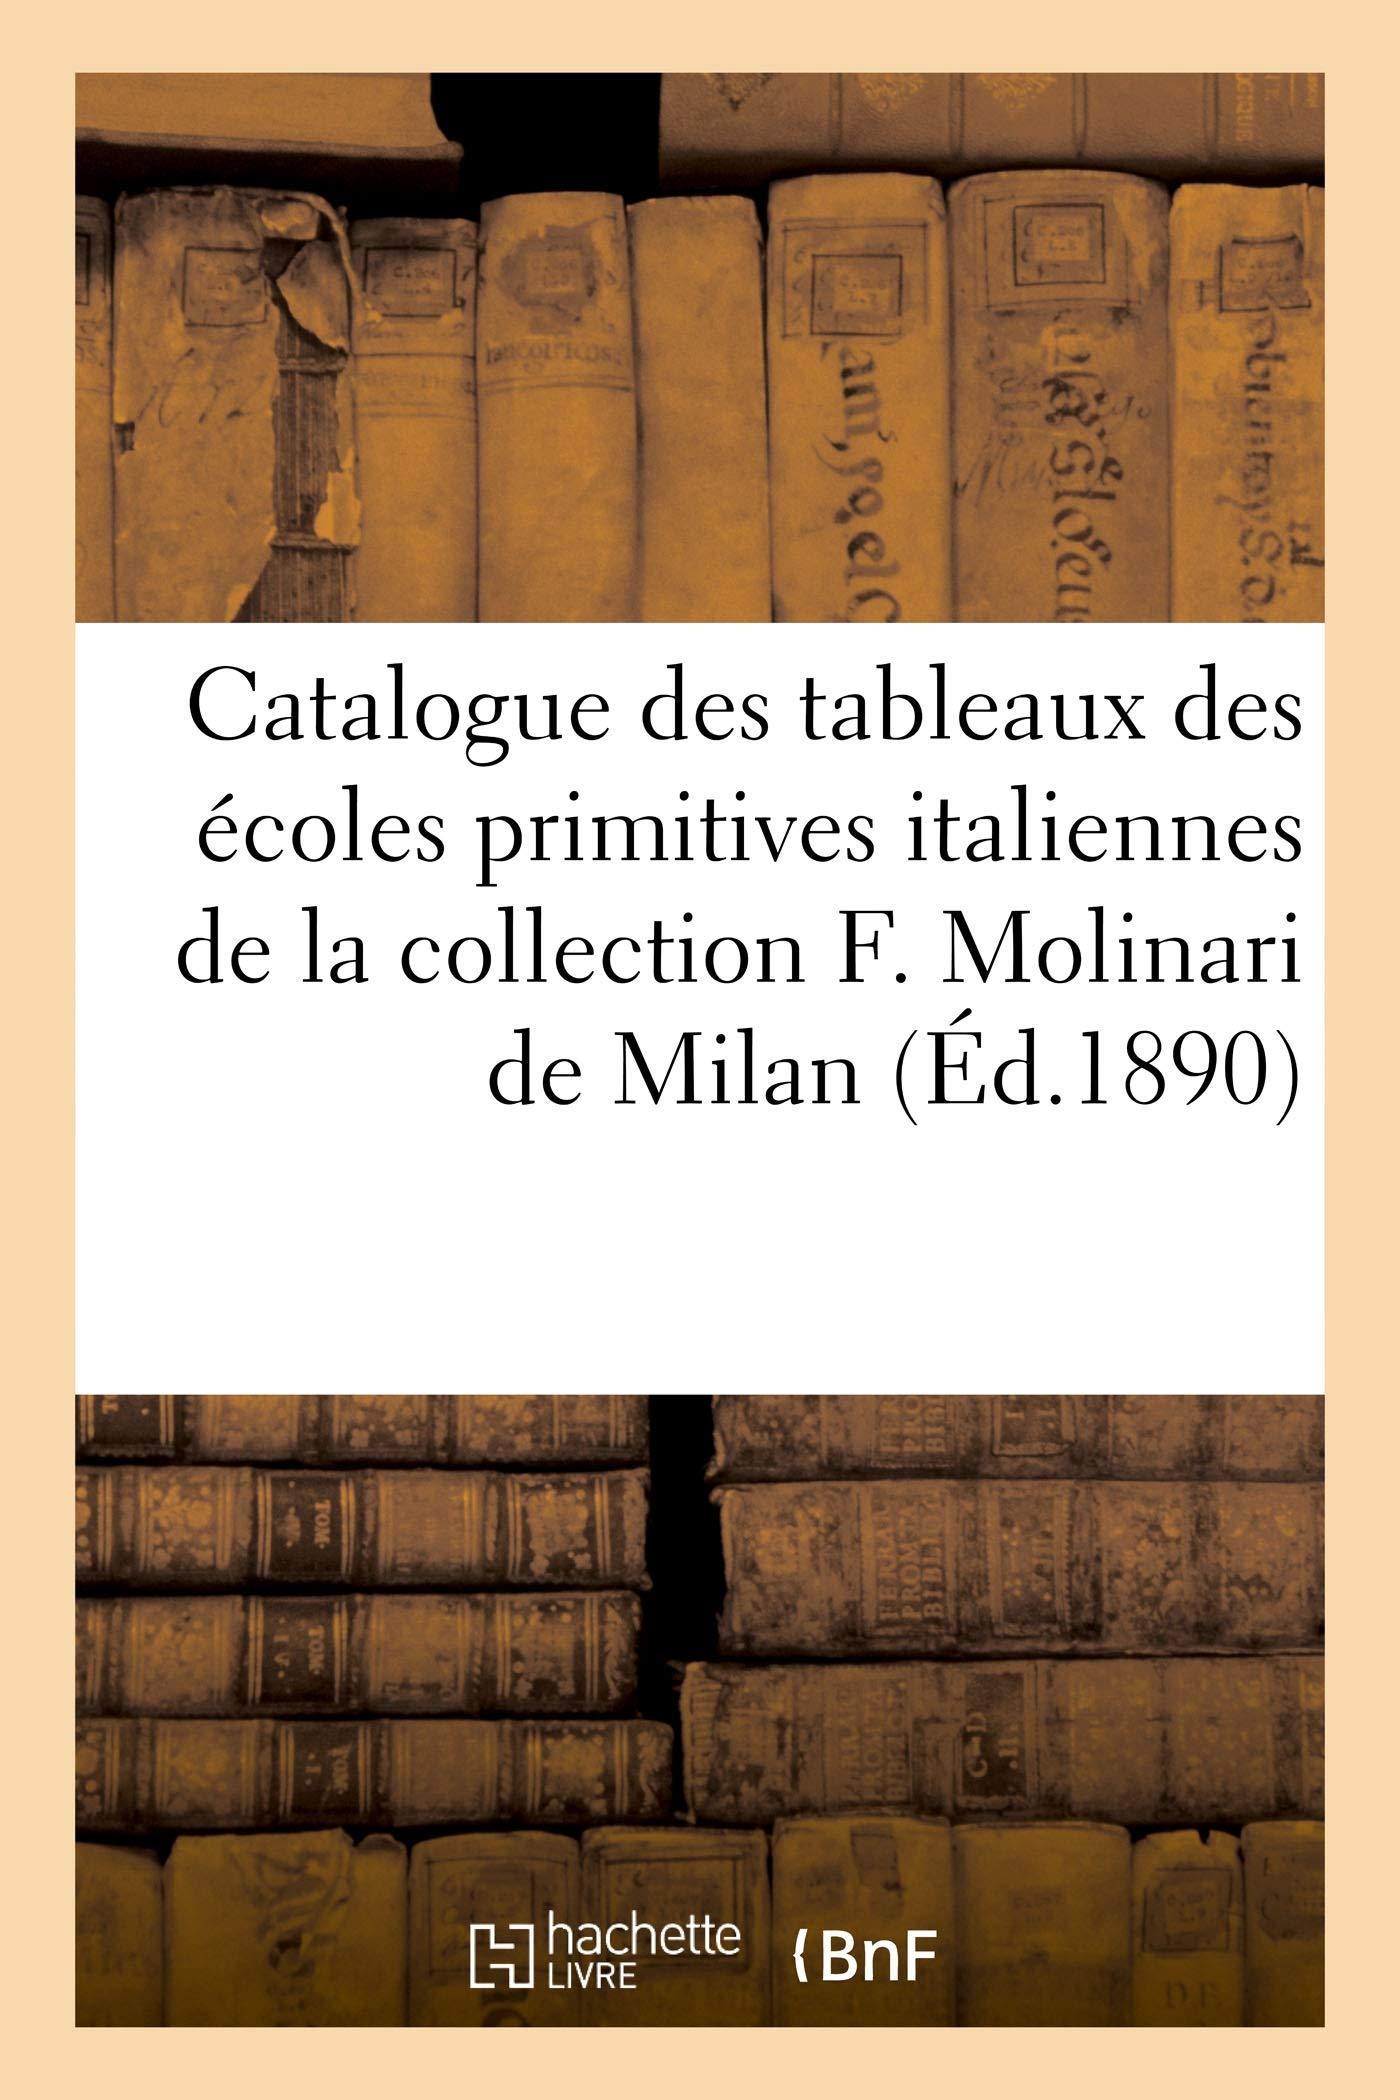 Amazon Fr Catalogue Des Tableaux Anciens Et Tableaux Des Ecoles Primitives Italiennes De La Collection F Molinari De Milan Bloche Arthur Livres